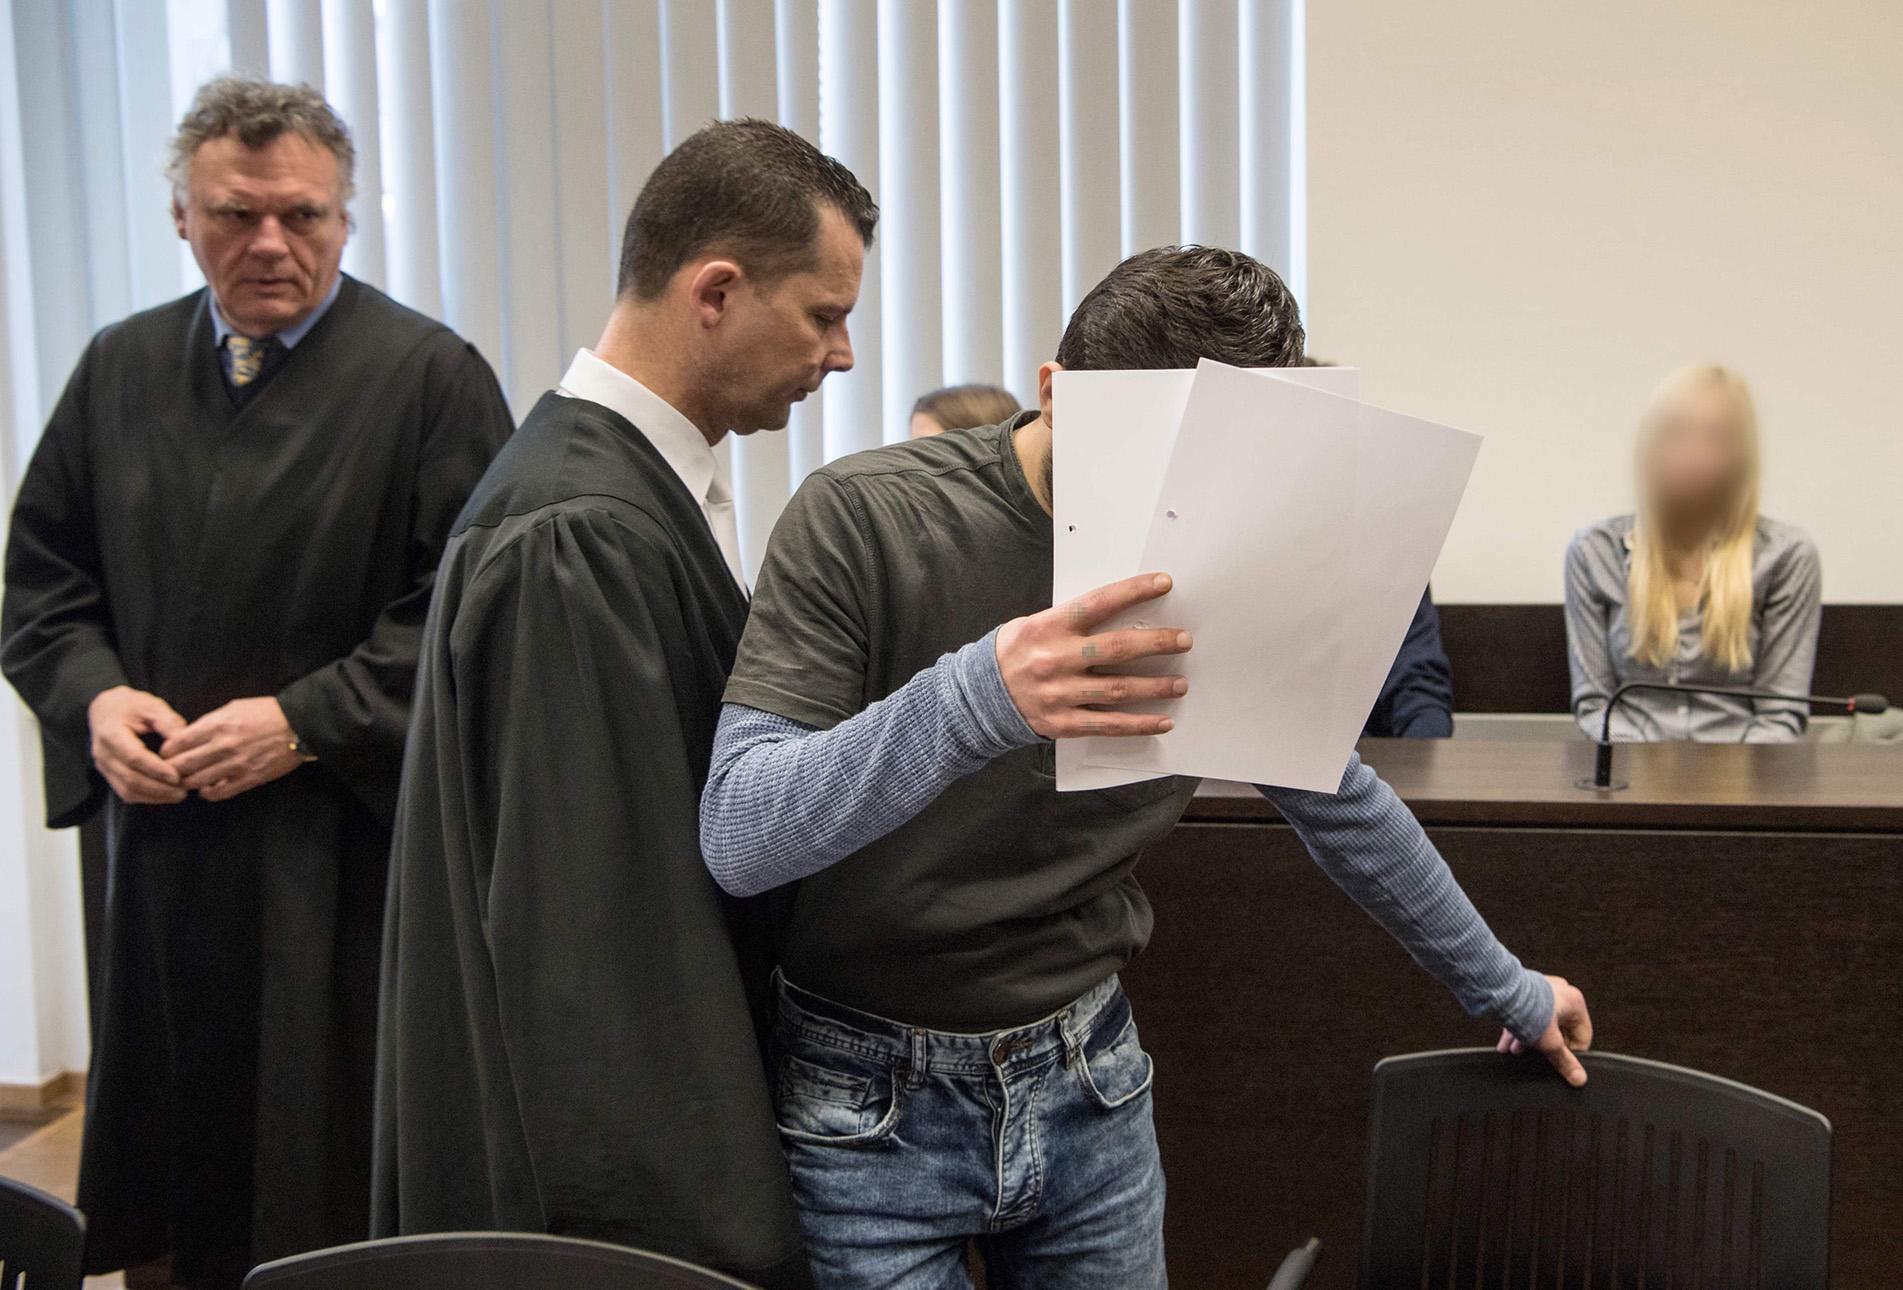 الحكم بالسجن مدى الحياة على لاجئ عراقي بتهمة قتل فتاة ألمانية